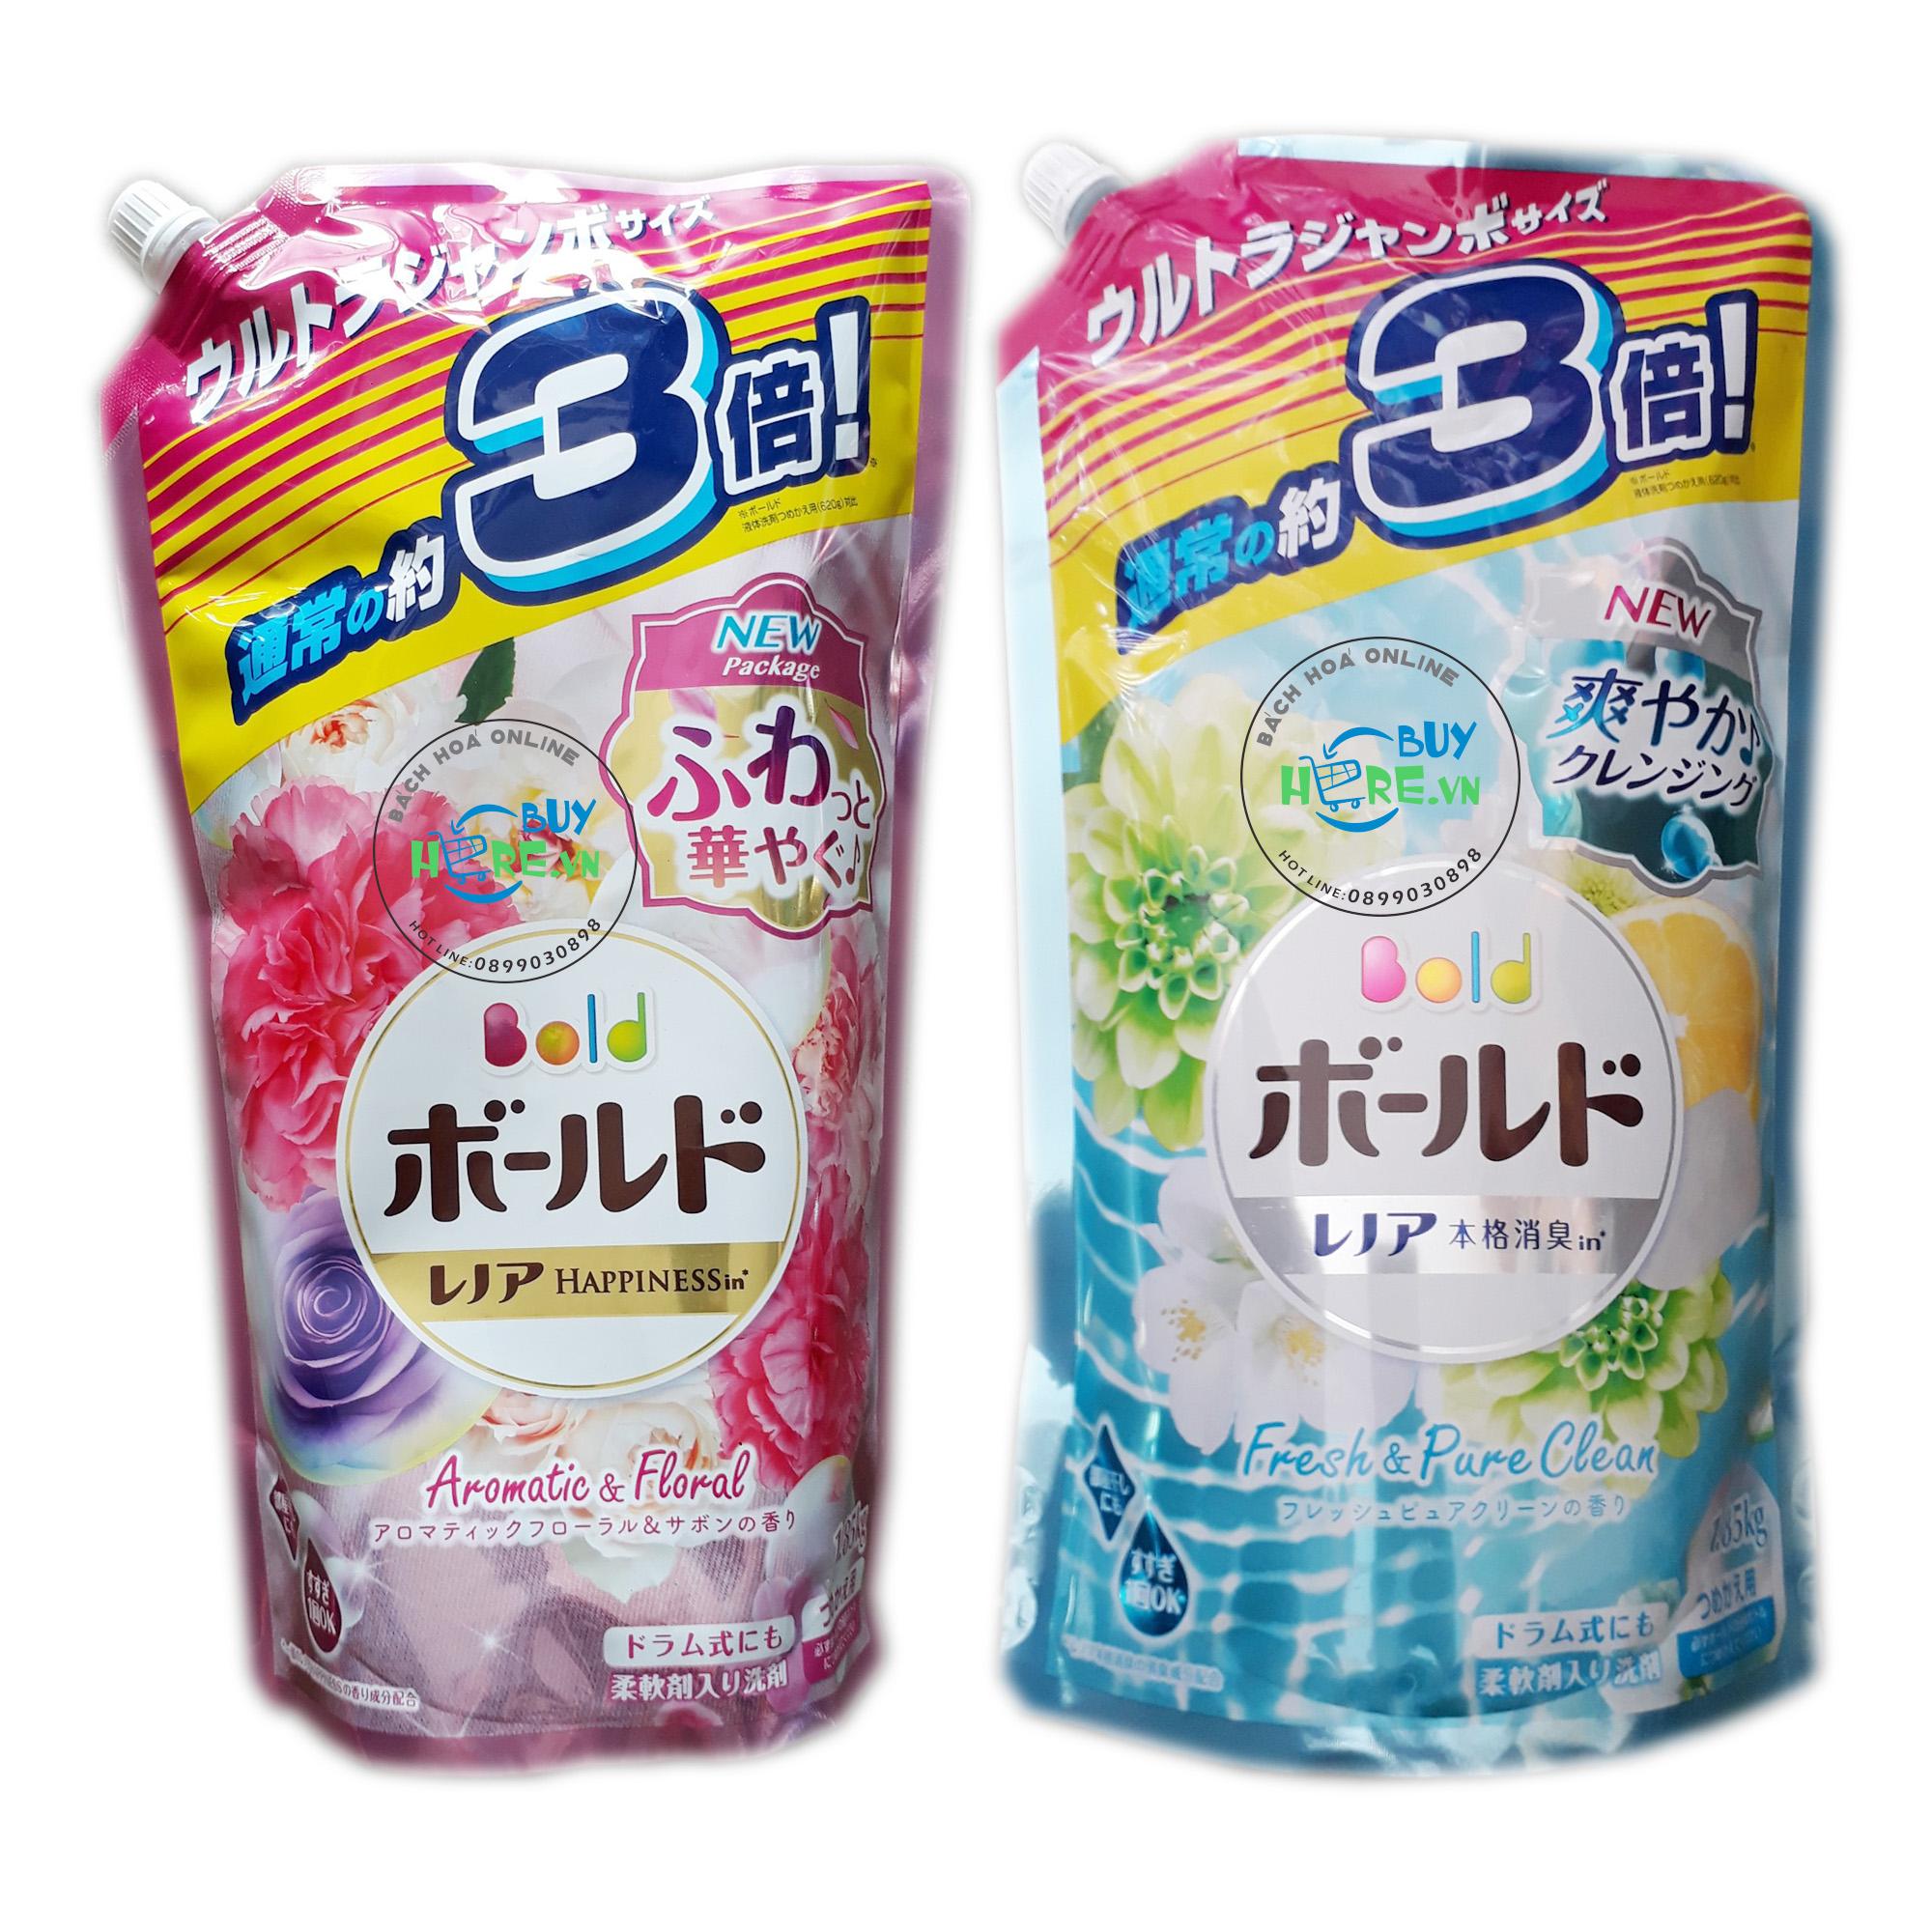 Nước giặt xả BOLD P&G Nhật Bản - dạng túi 1,85 Kg